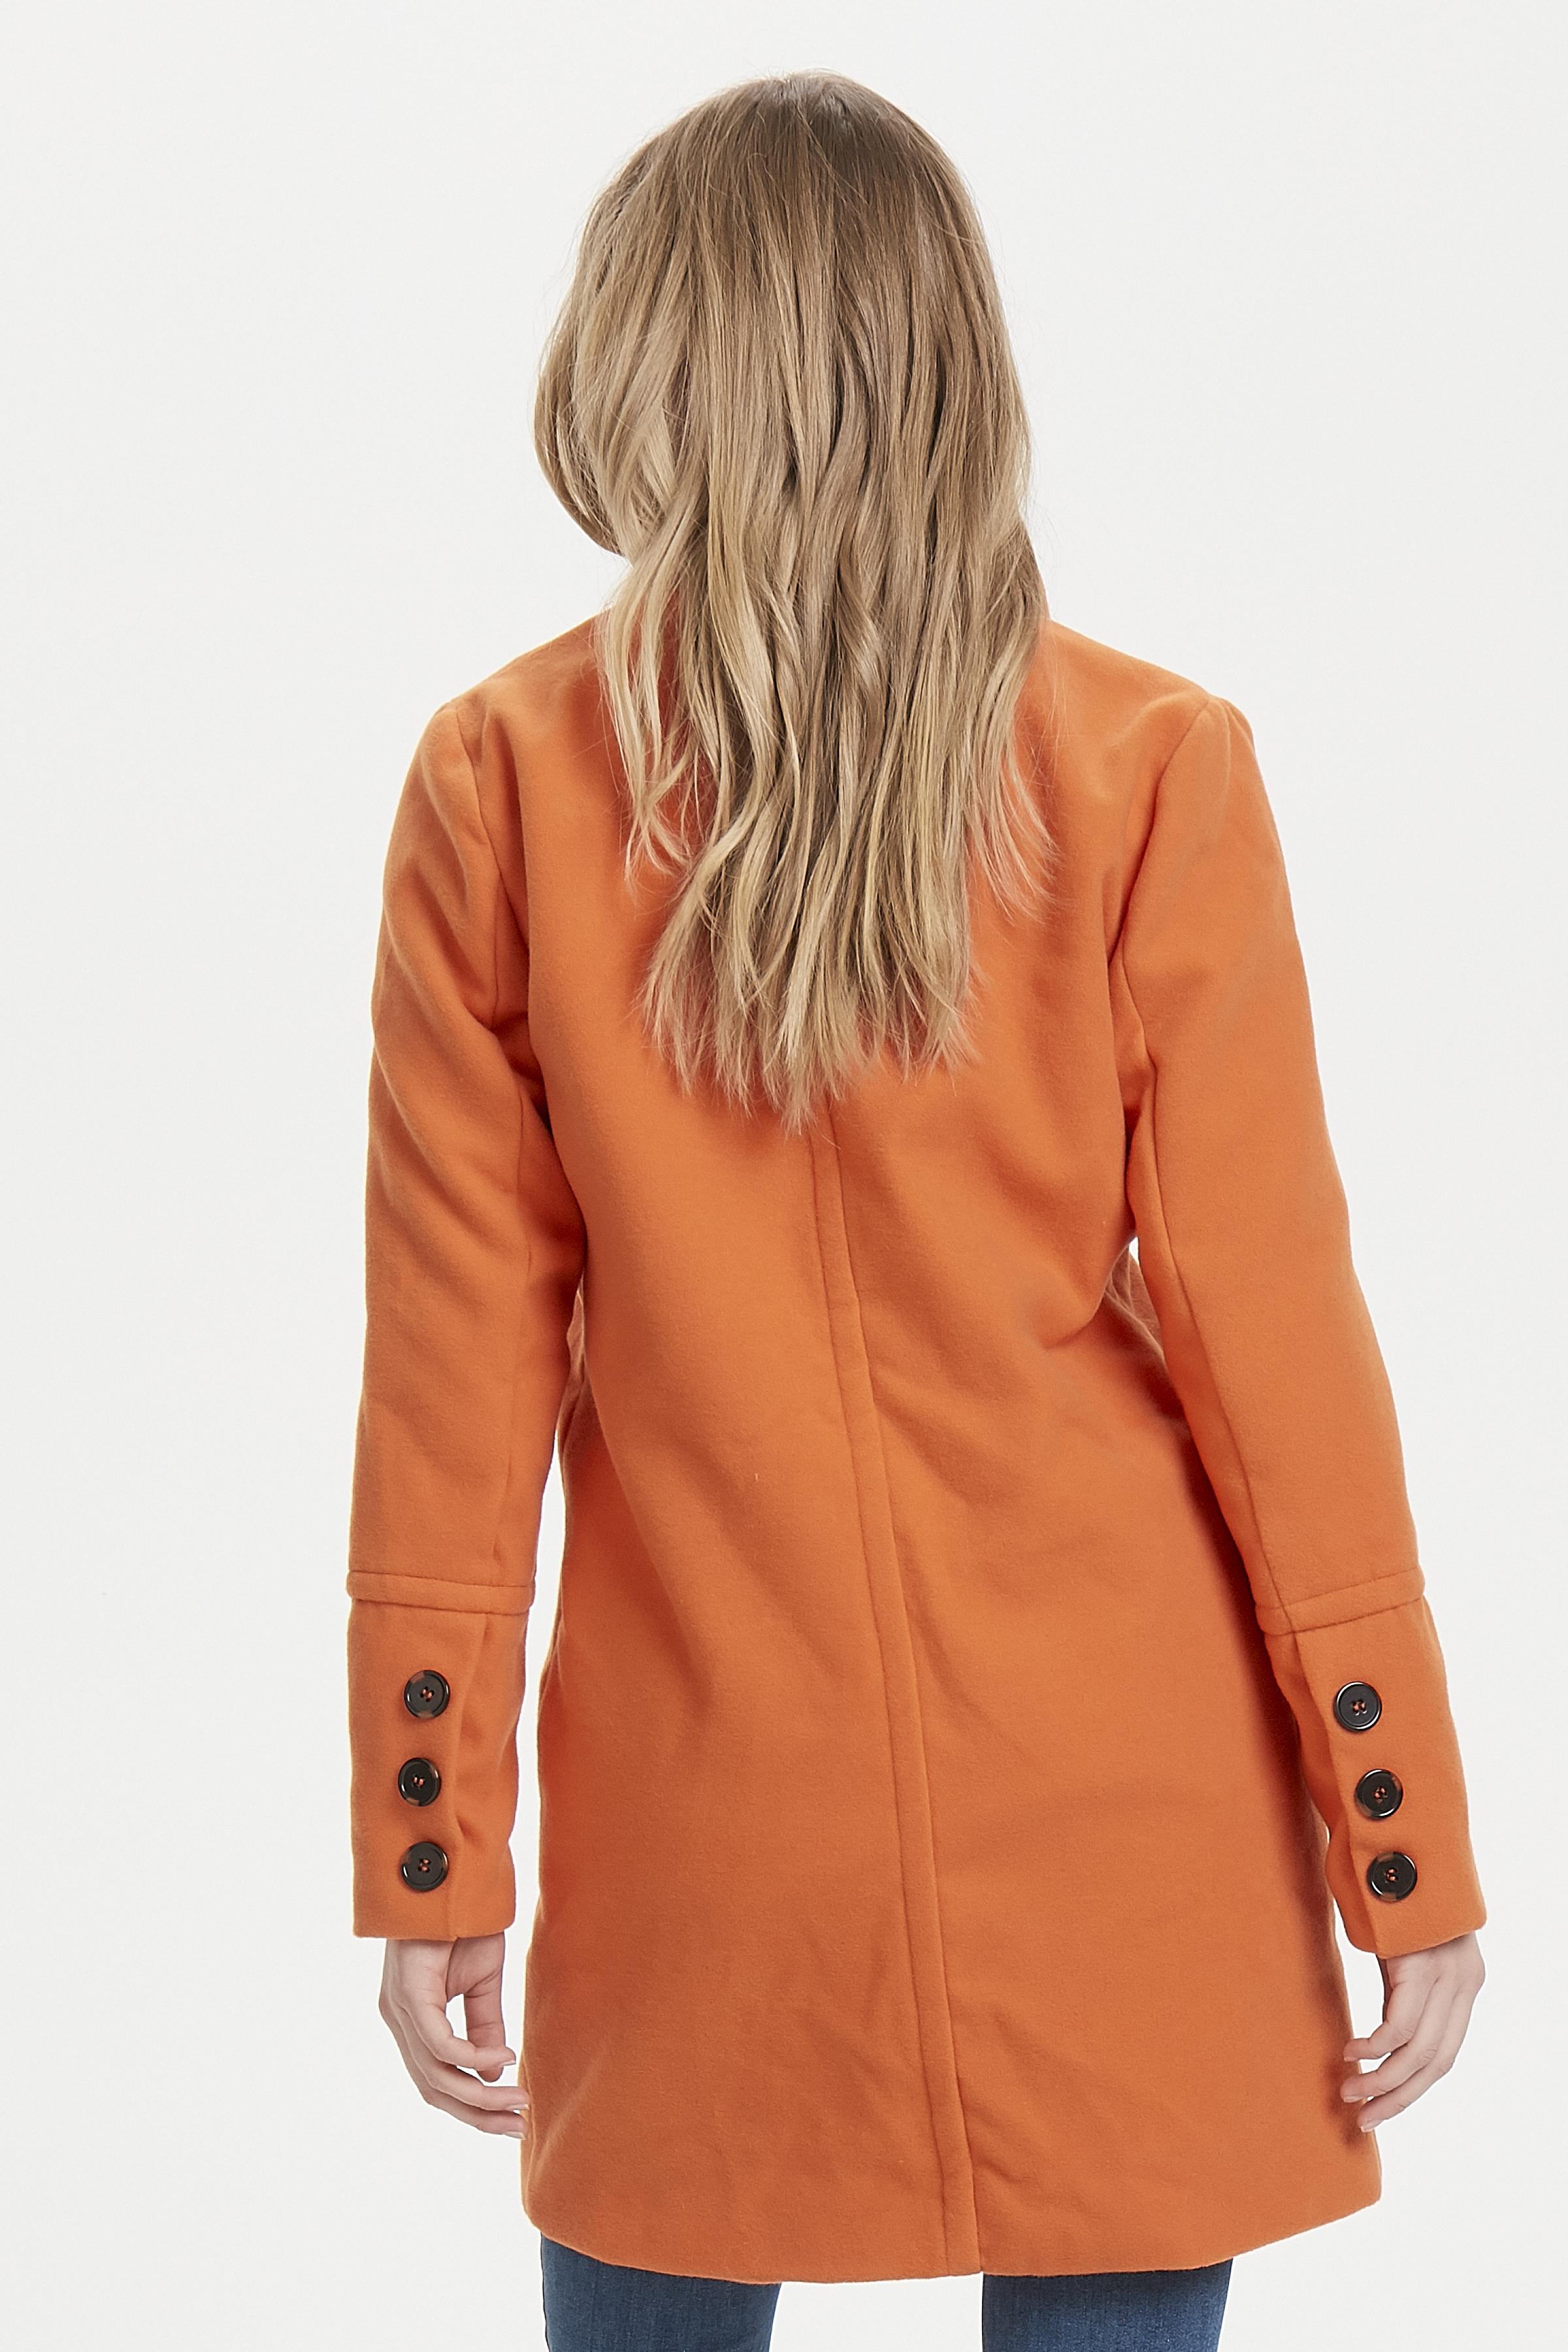 Tulip Orange Jas van b.young – Koop Tulip Orange Jas hier van size 34-40